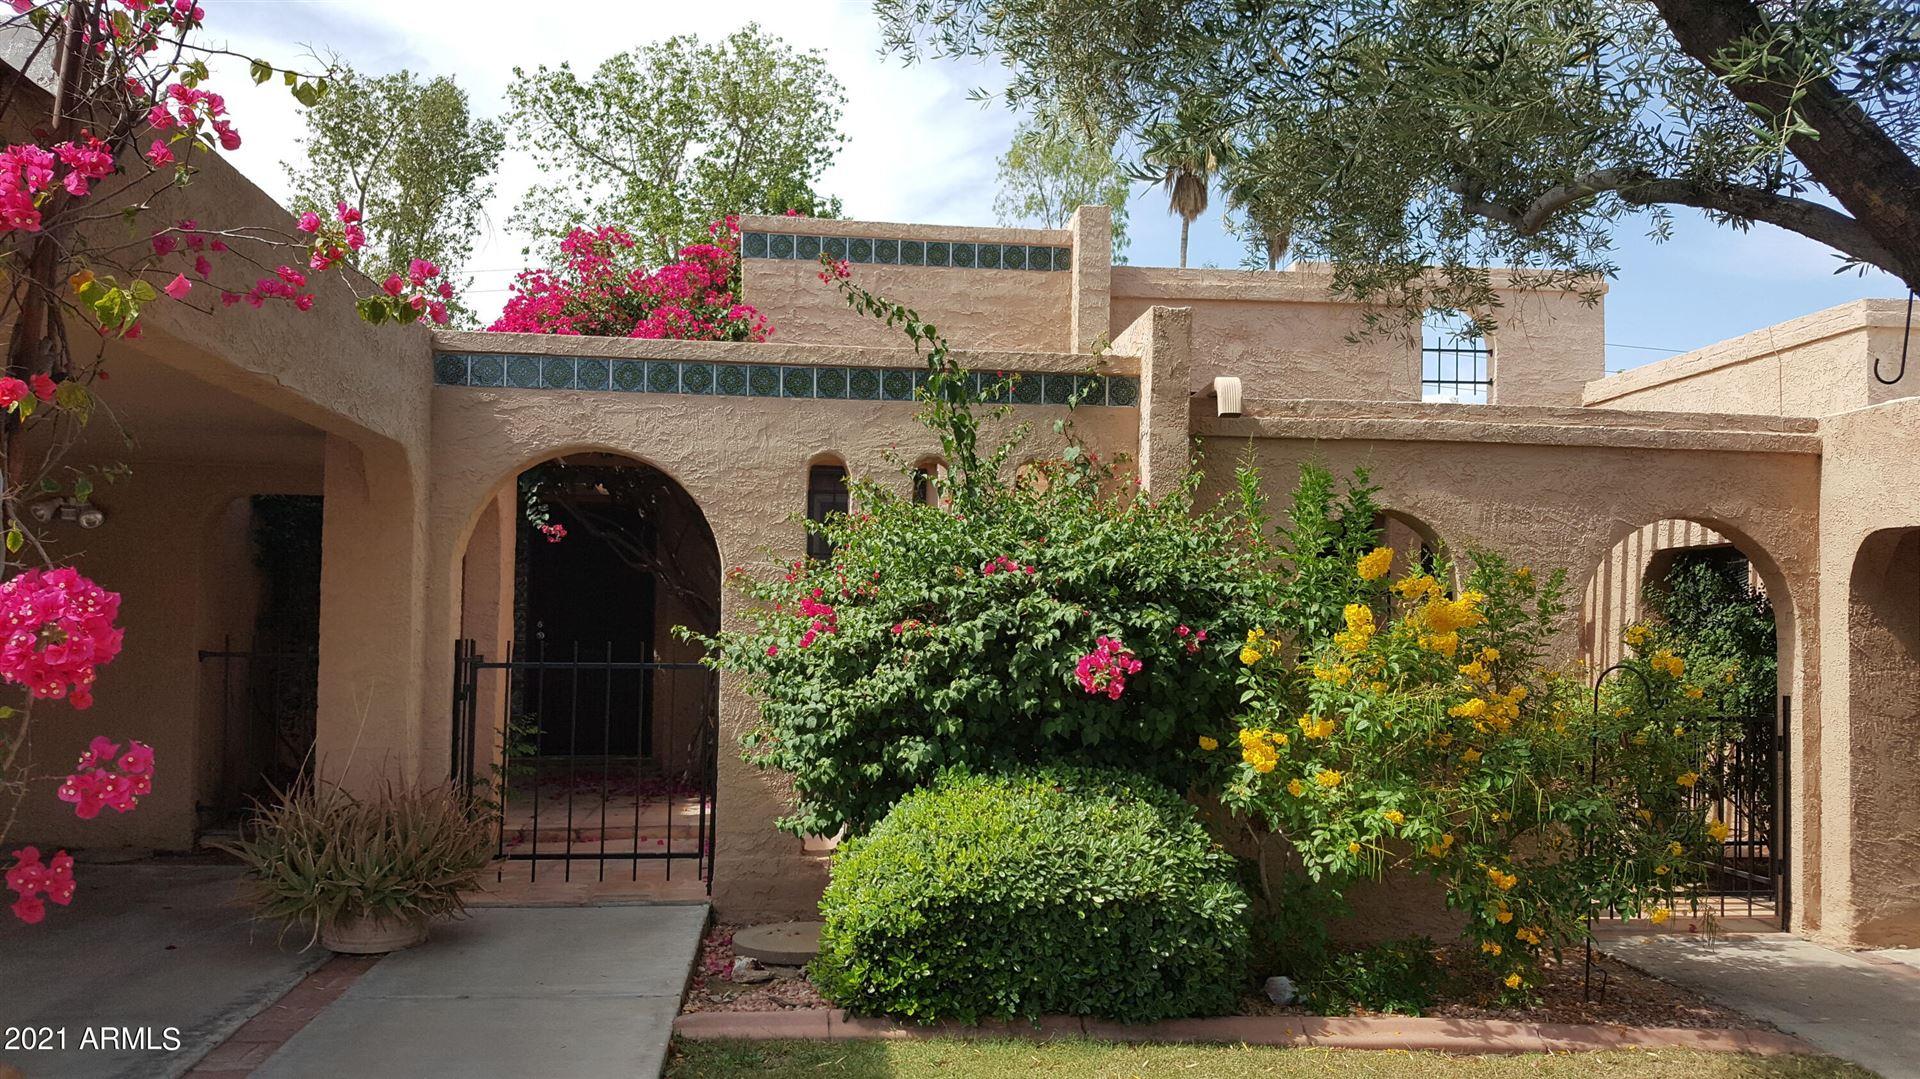 914 E COCHISE Drive, Phoenix, AZ 85020 - MLS#: 6272271